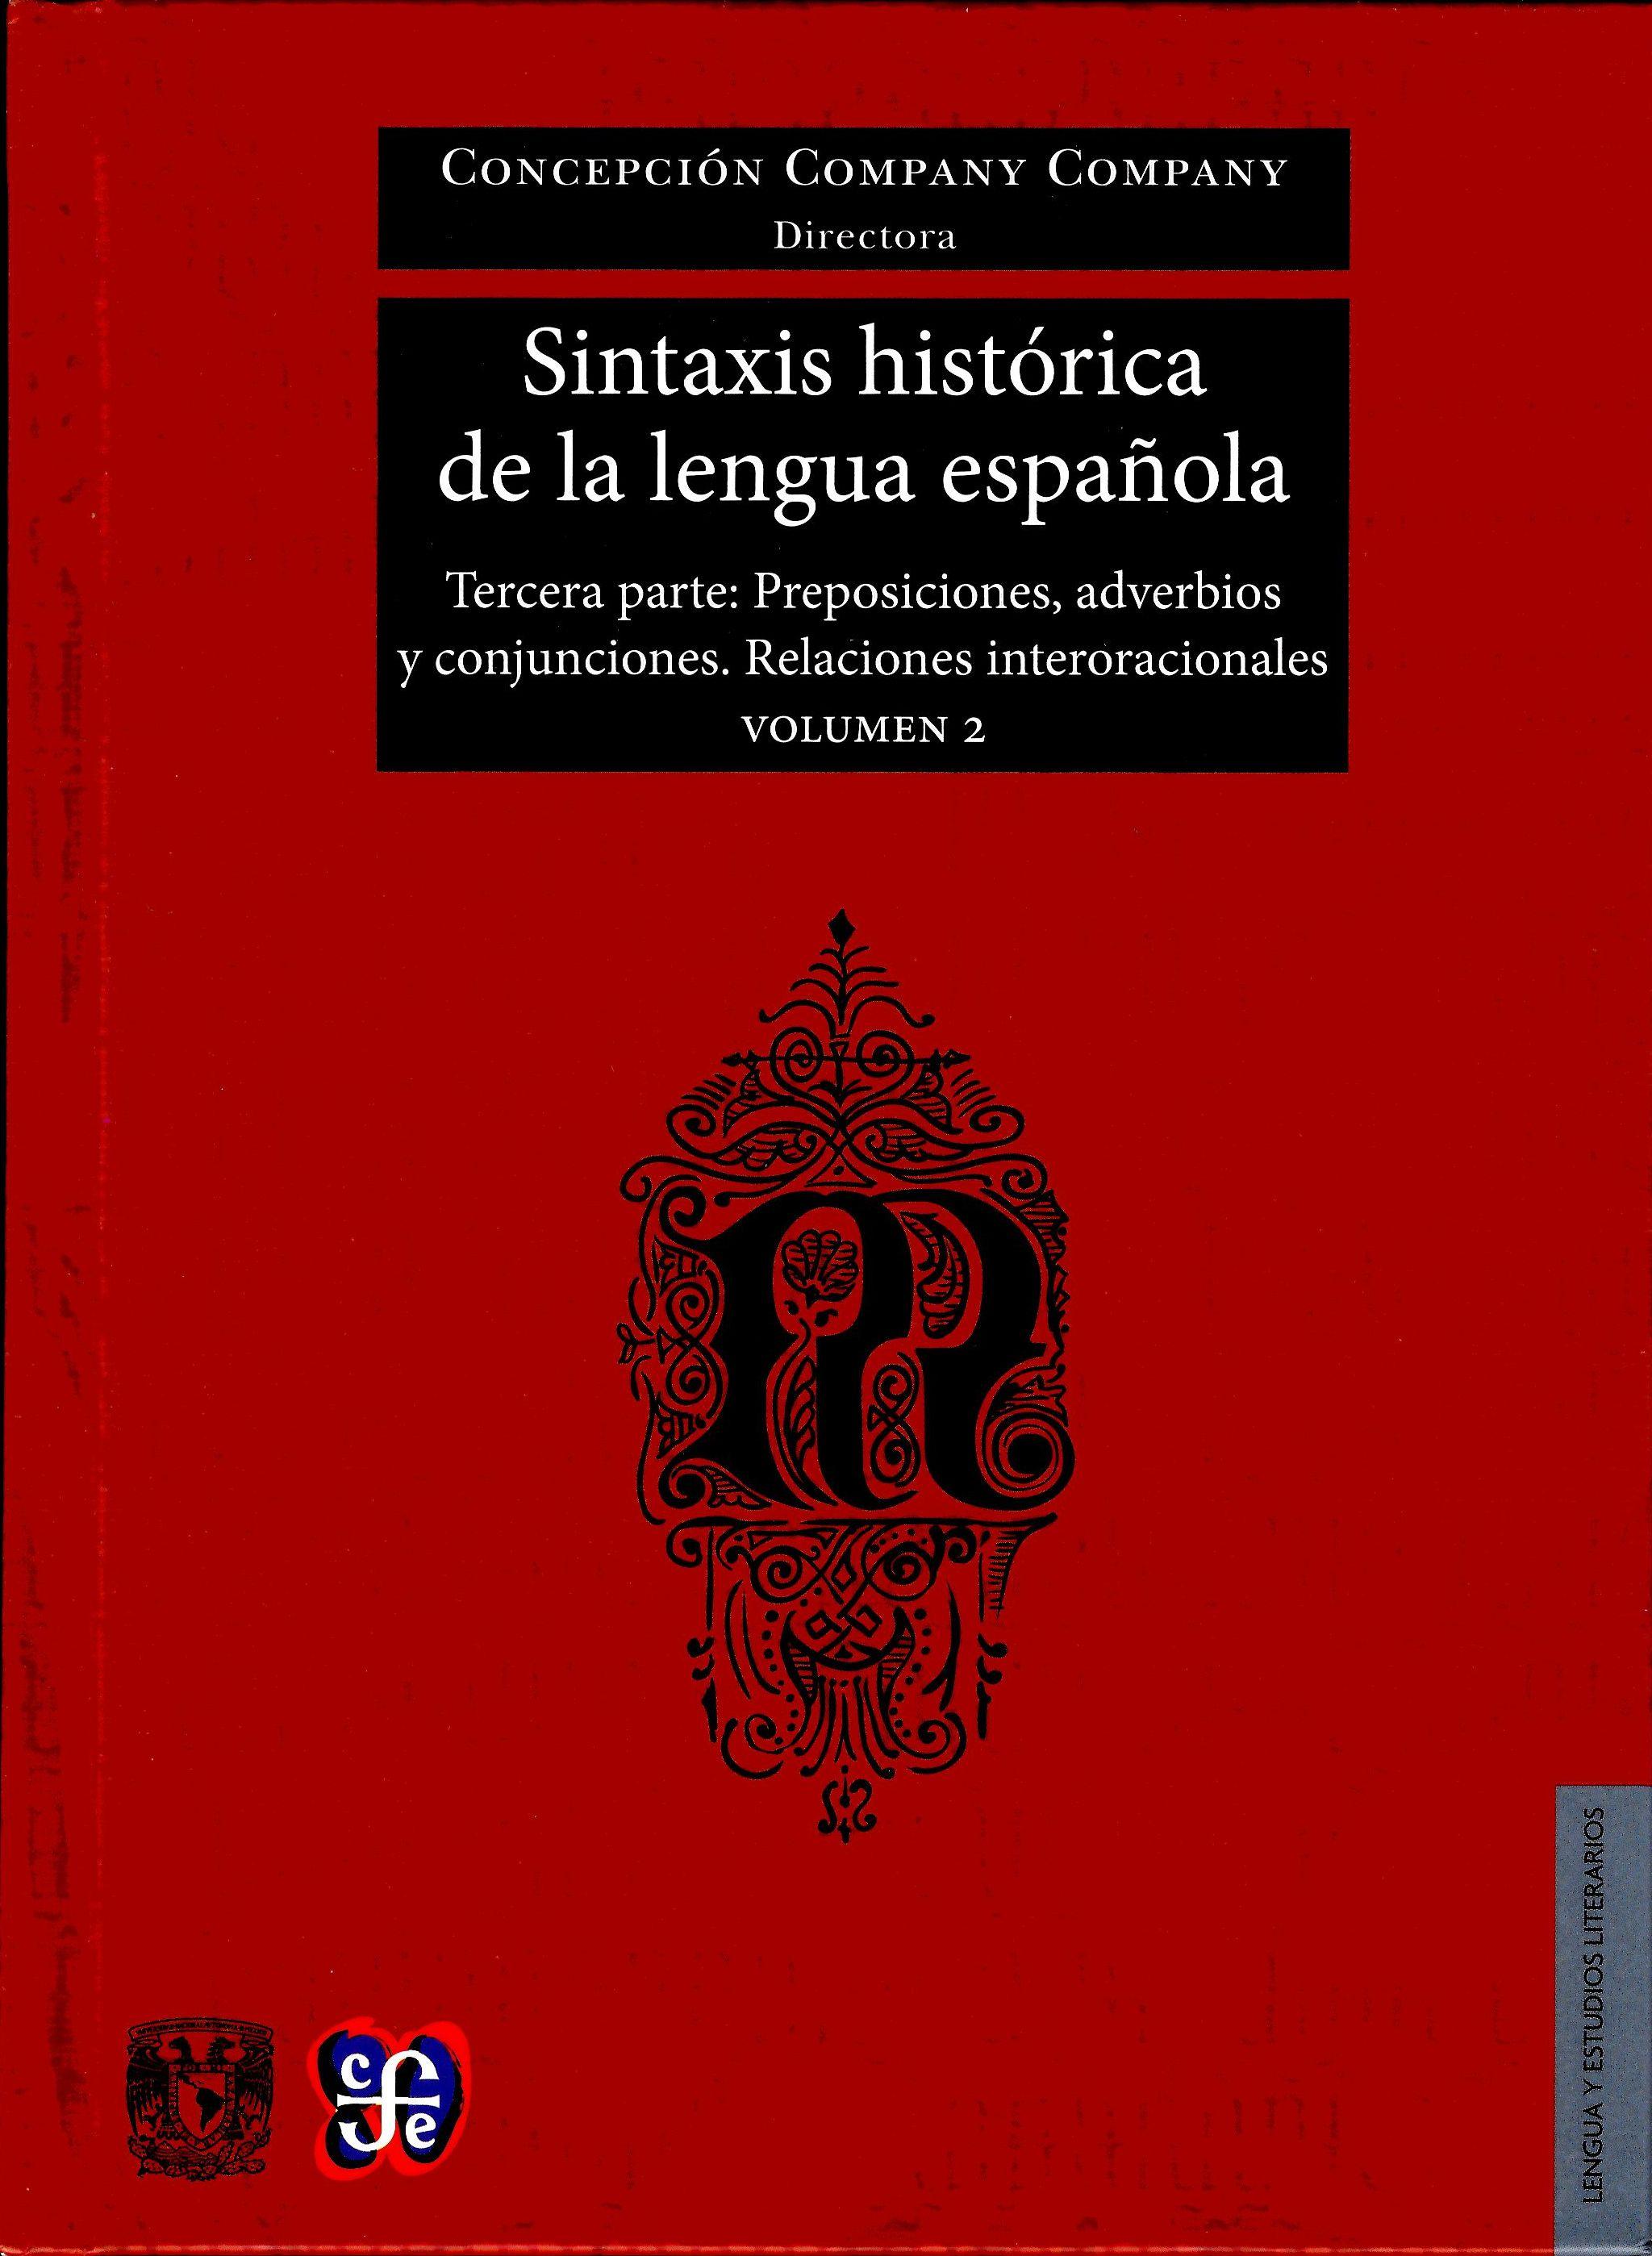 Sintaxis histórica de la lengua española.Vol.2